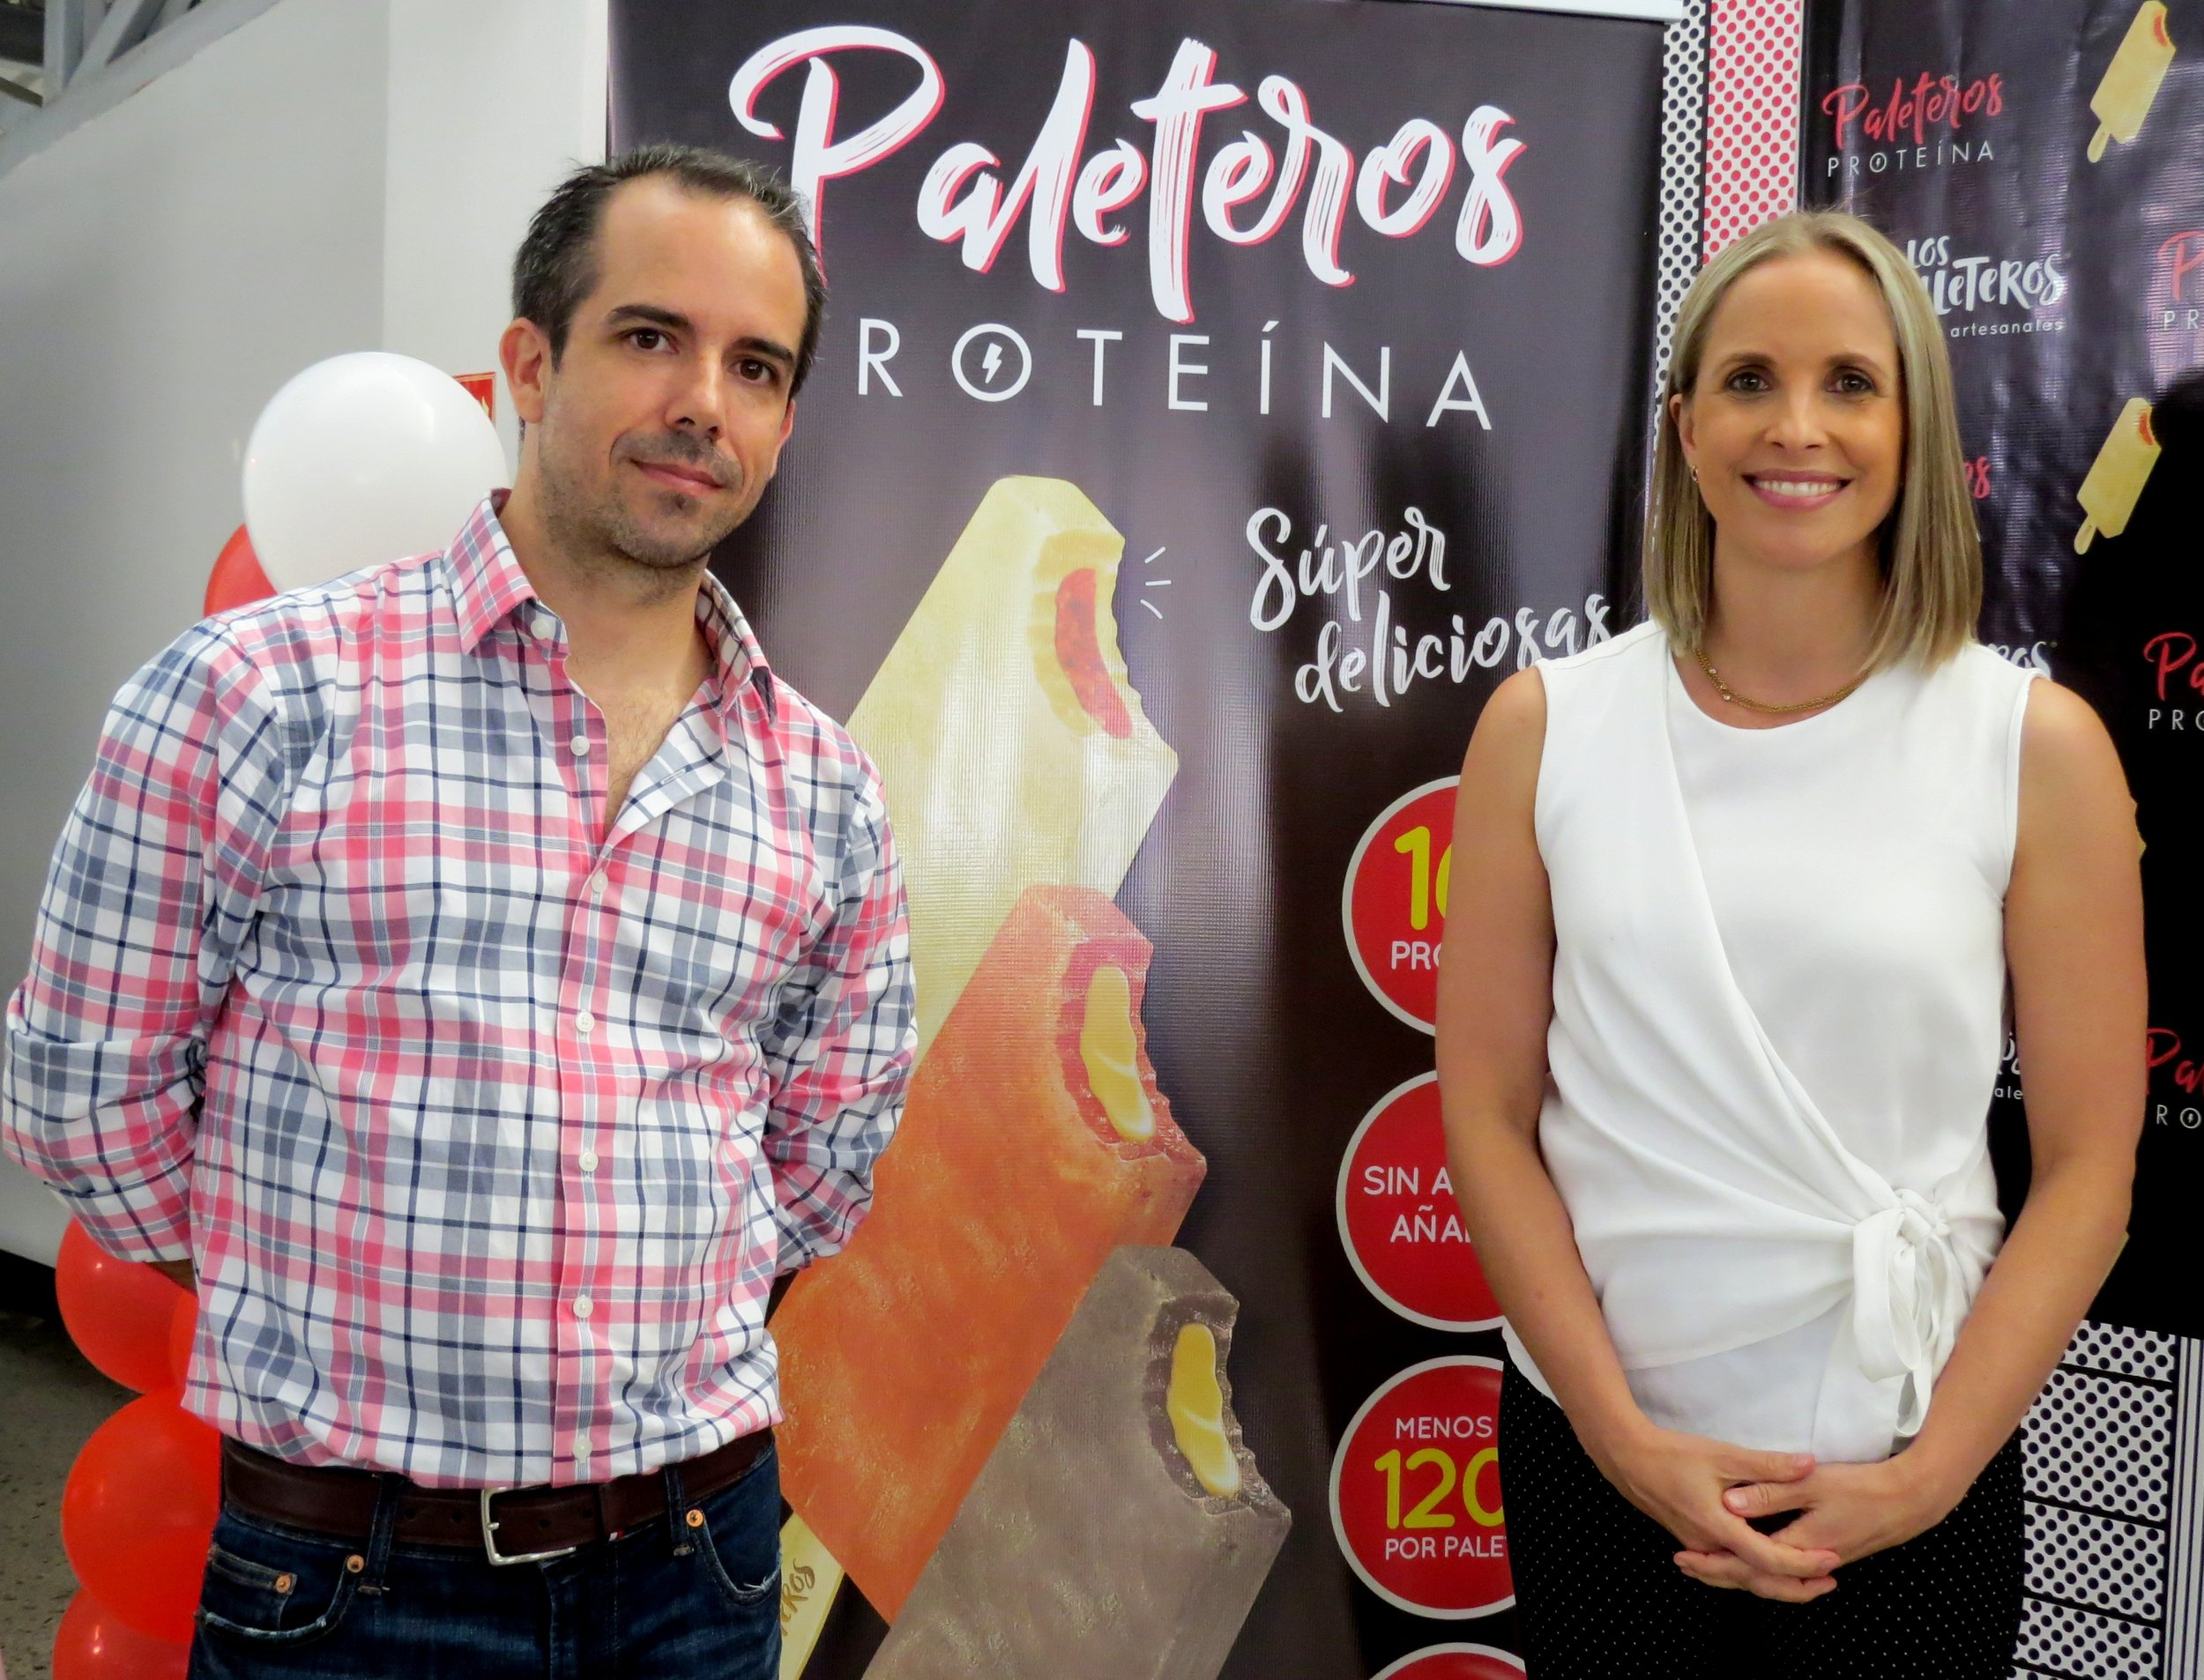 Foto 3.JPGEnrique Artiñano, gerente general de Los Paleteros y la nutricionista Kathryn Von Saalfeld, quien les colaboró en el desarrollo de las paletas saludables.